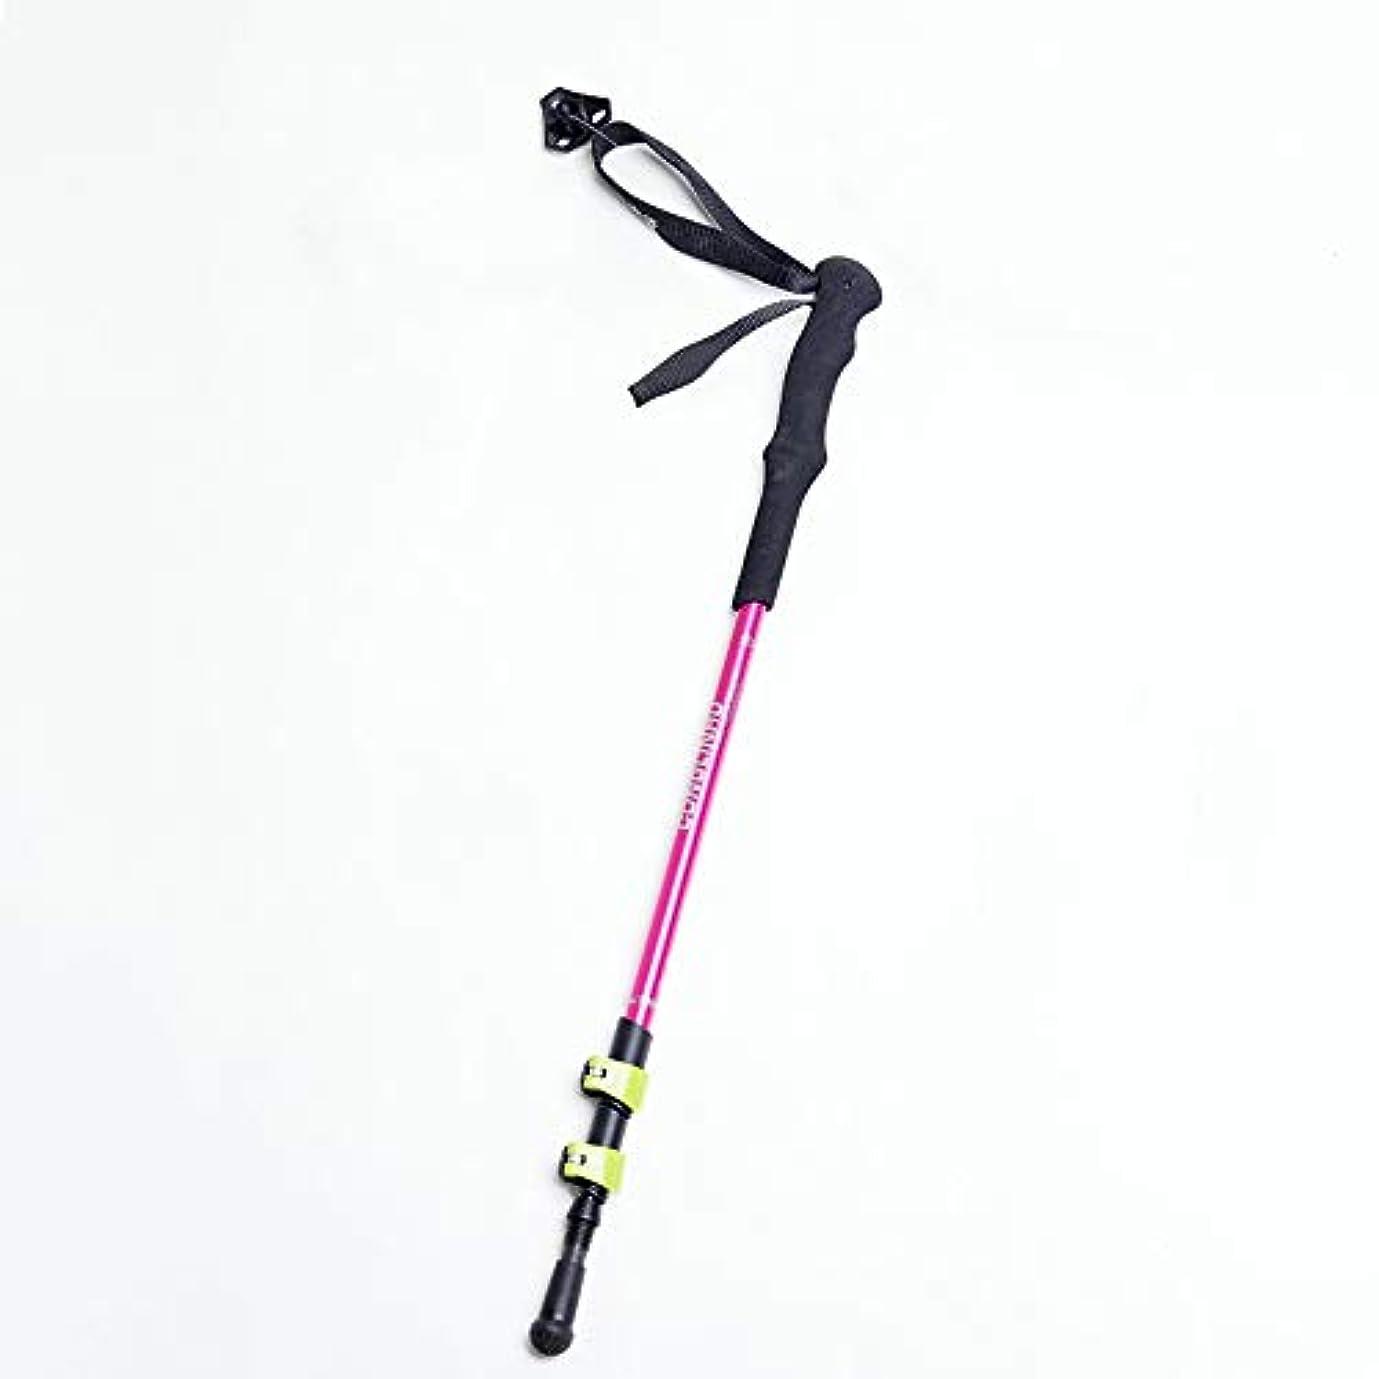 馬力大学院きらめきノルディックウォーキングポール、折りたたみ式伸縮自在アルミ合金滑り止めウェアラブル杖、キャンプ用、ハイキング用、登山用に適したダンピングデザイン